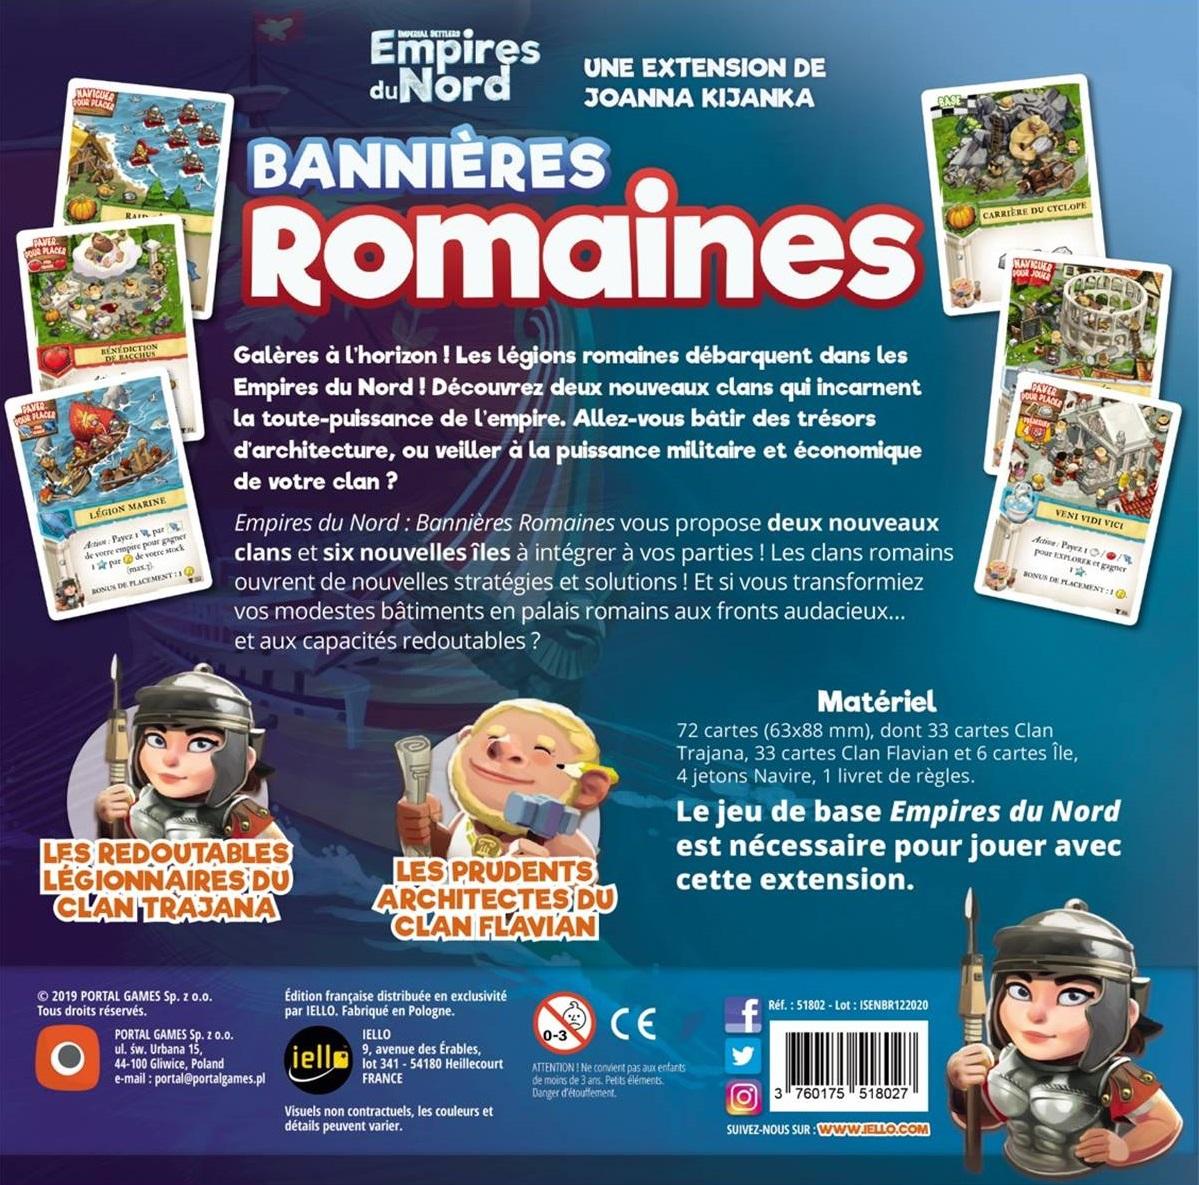 Bannières Romaines - Empires du Nord (Ext.)